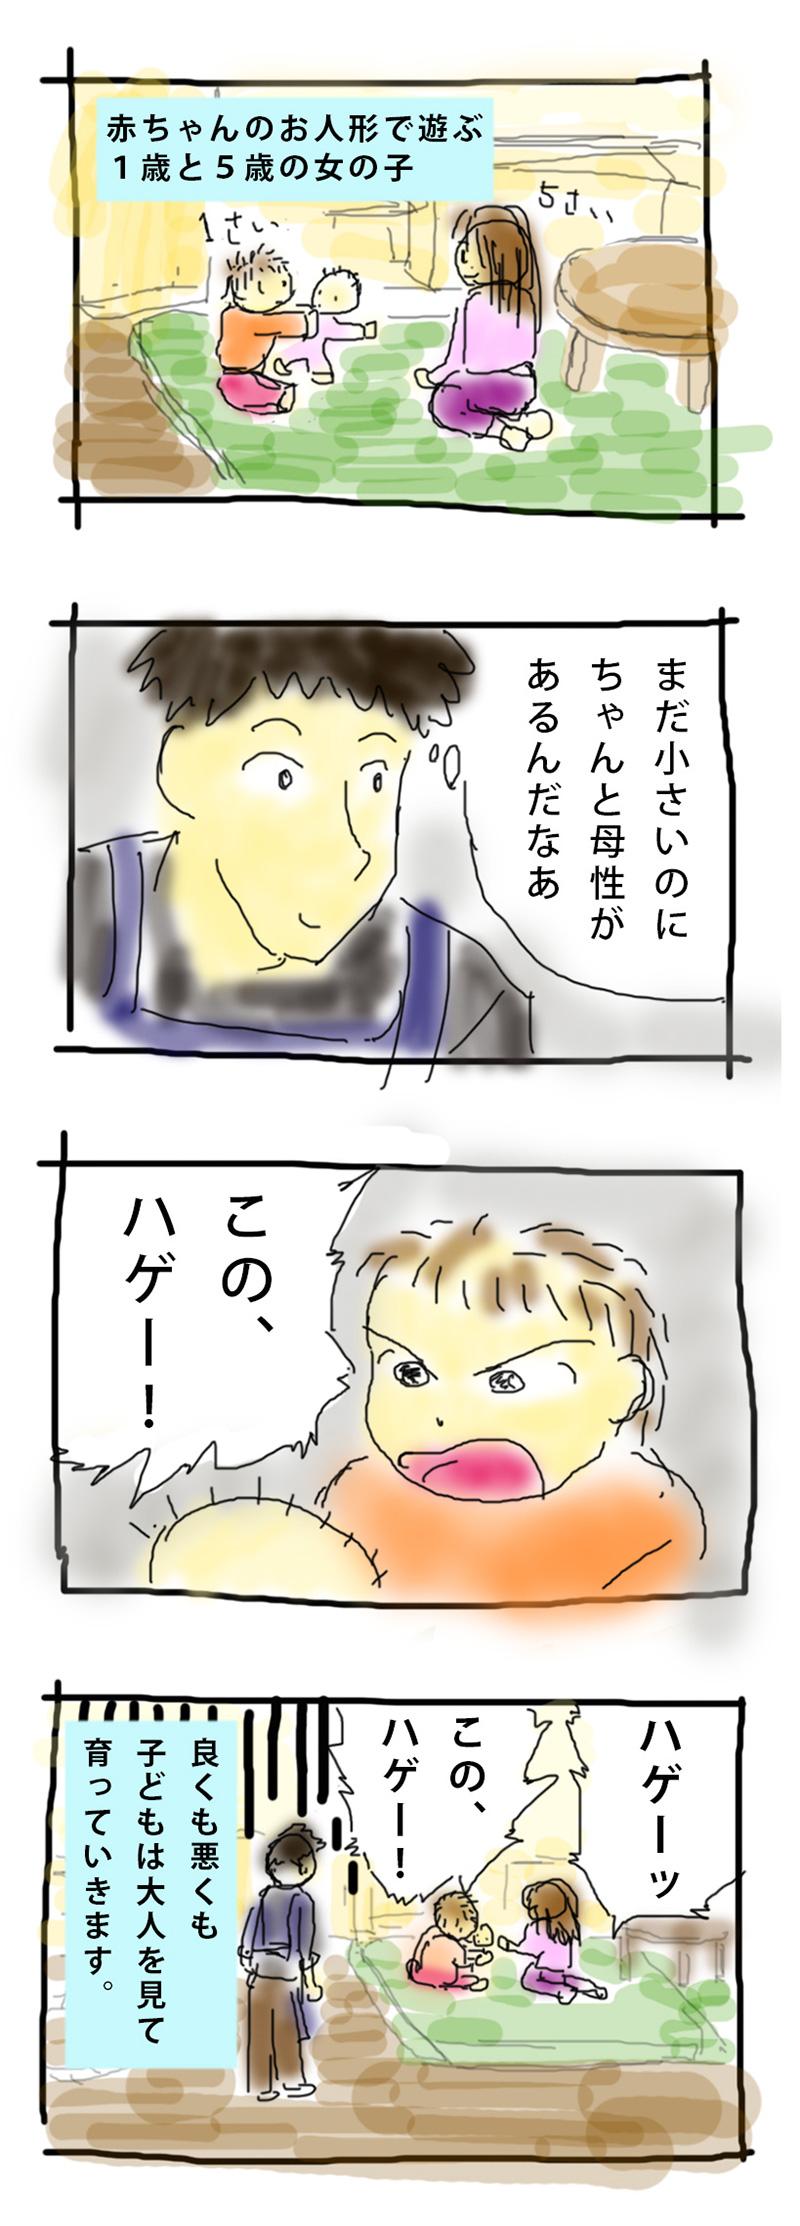 気まぐれ4コマ漫画「幼き母性と言葉の暴力」